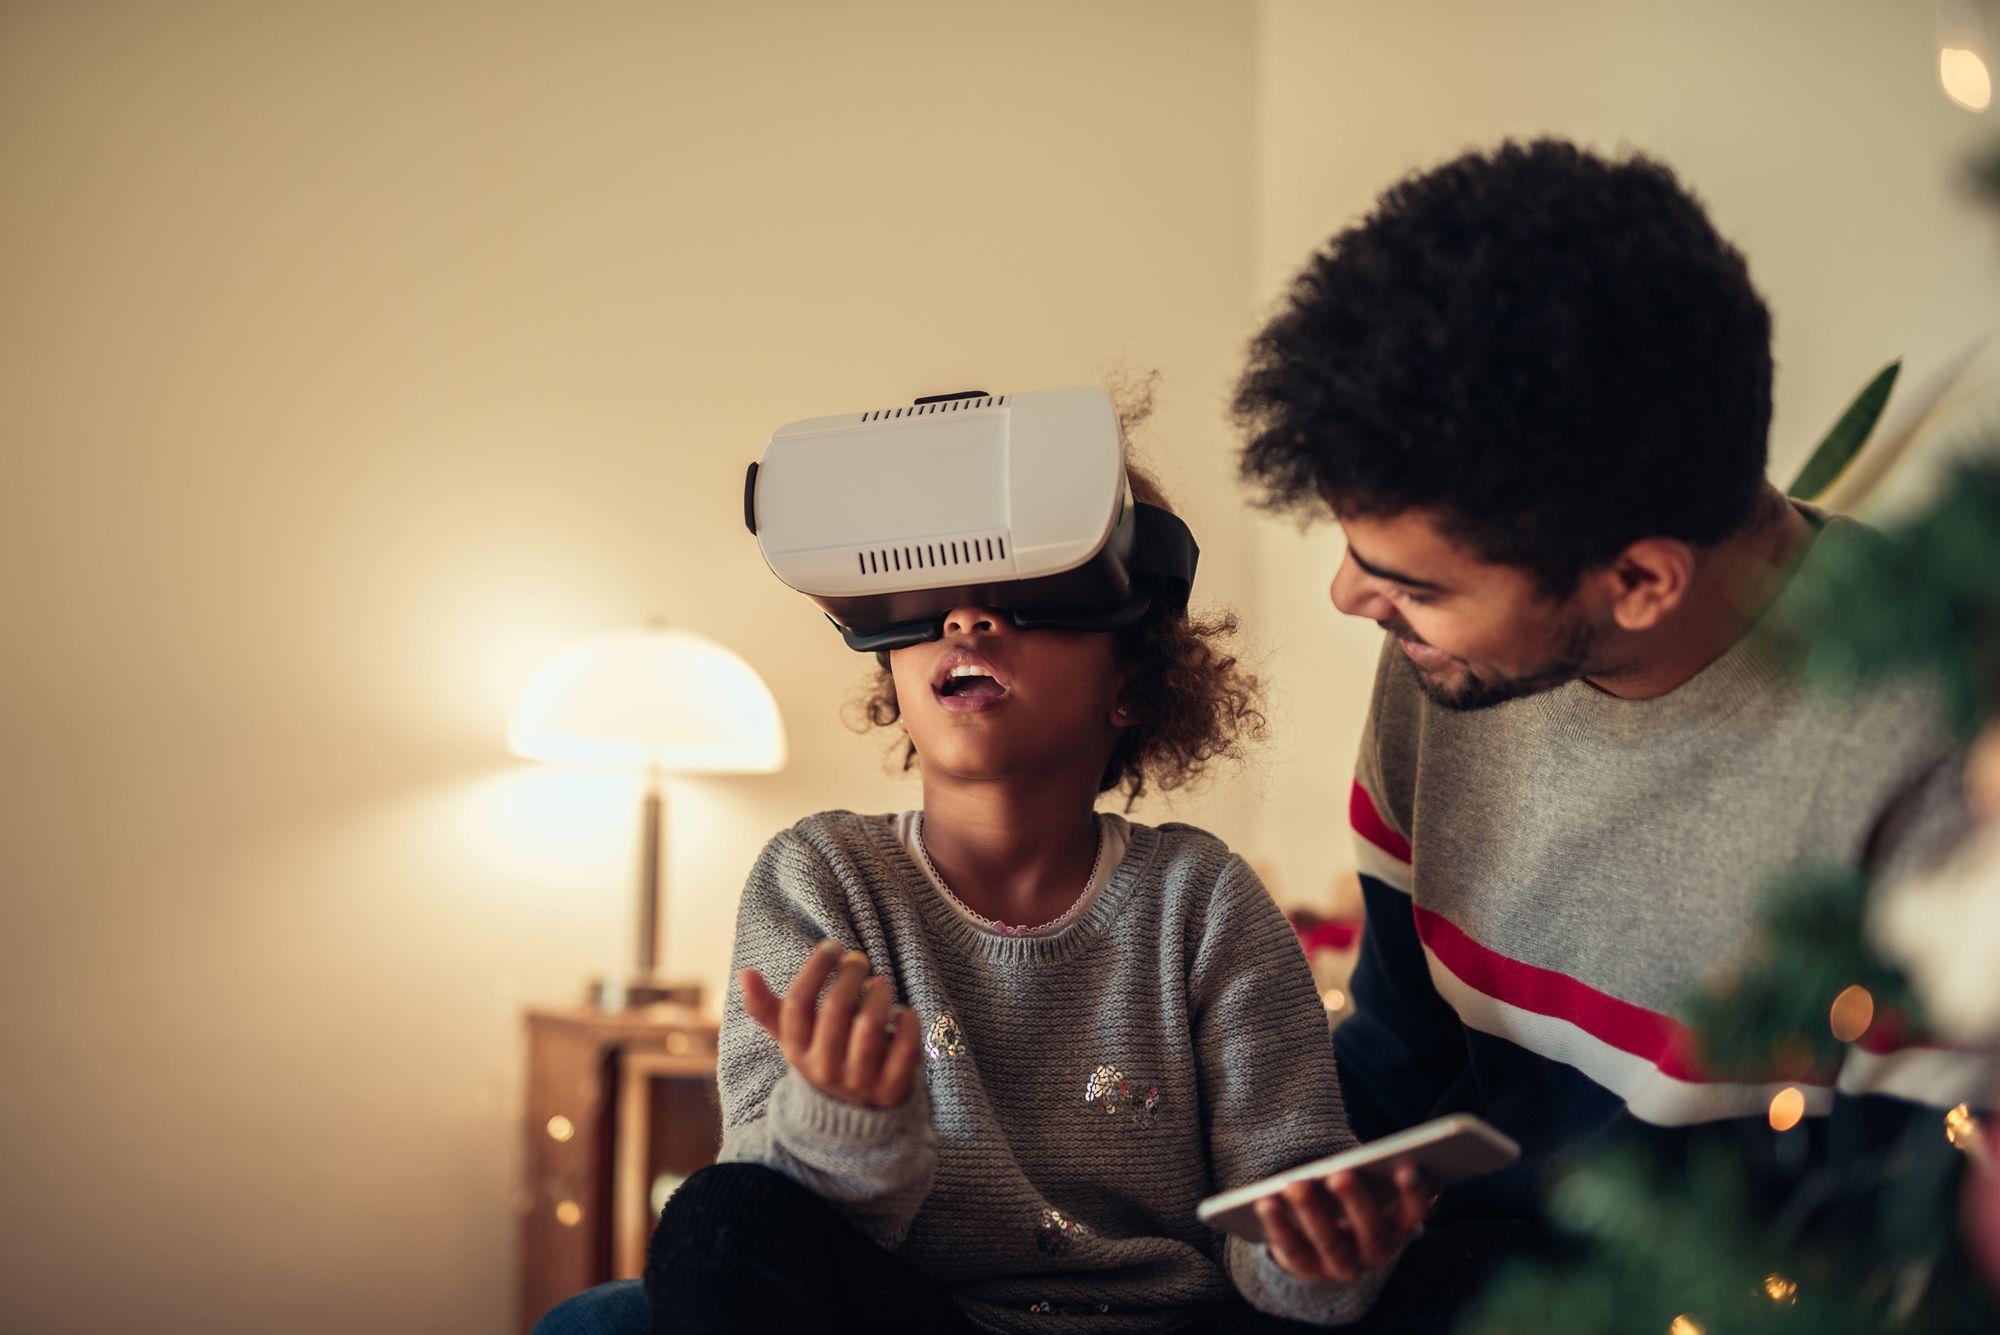 Pontos positivos e negativos da tecnologia para a sociedade atual